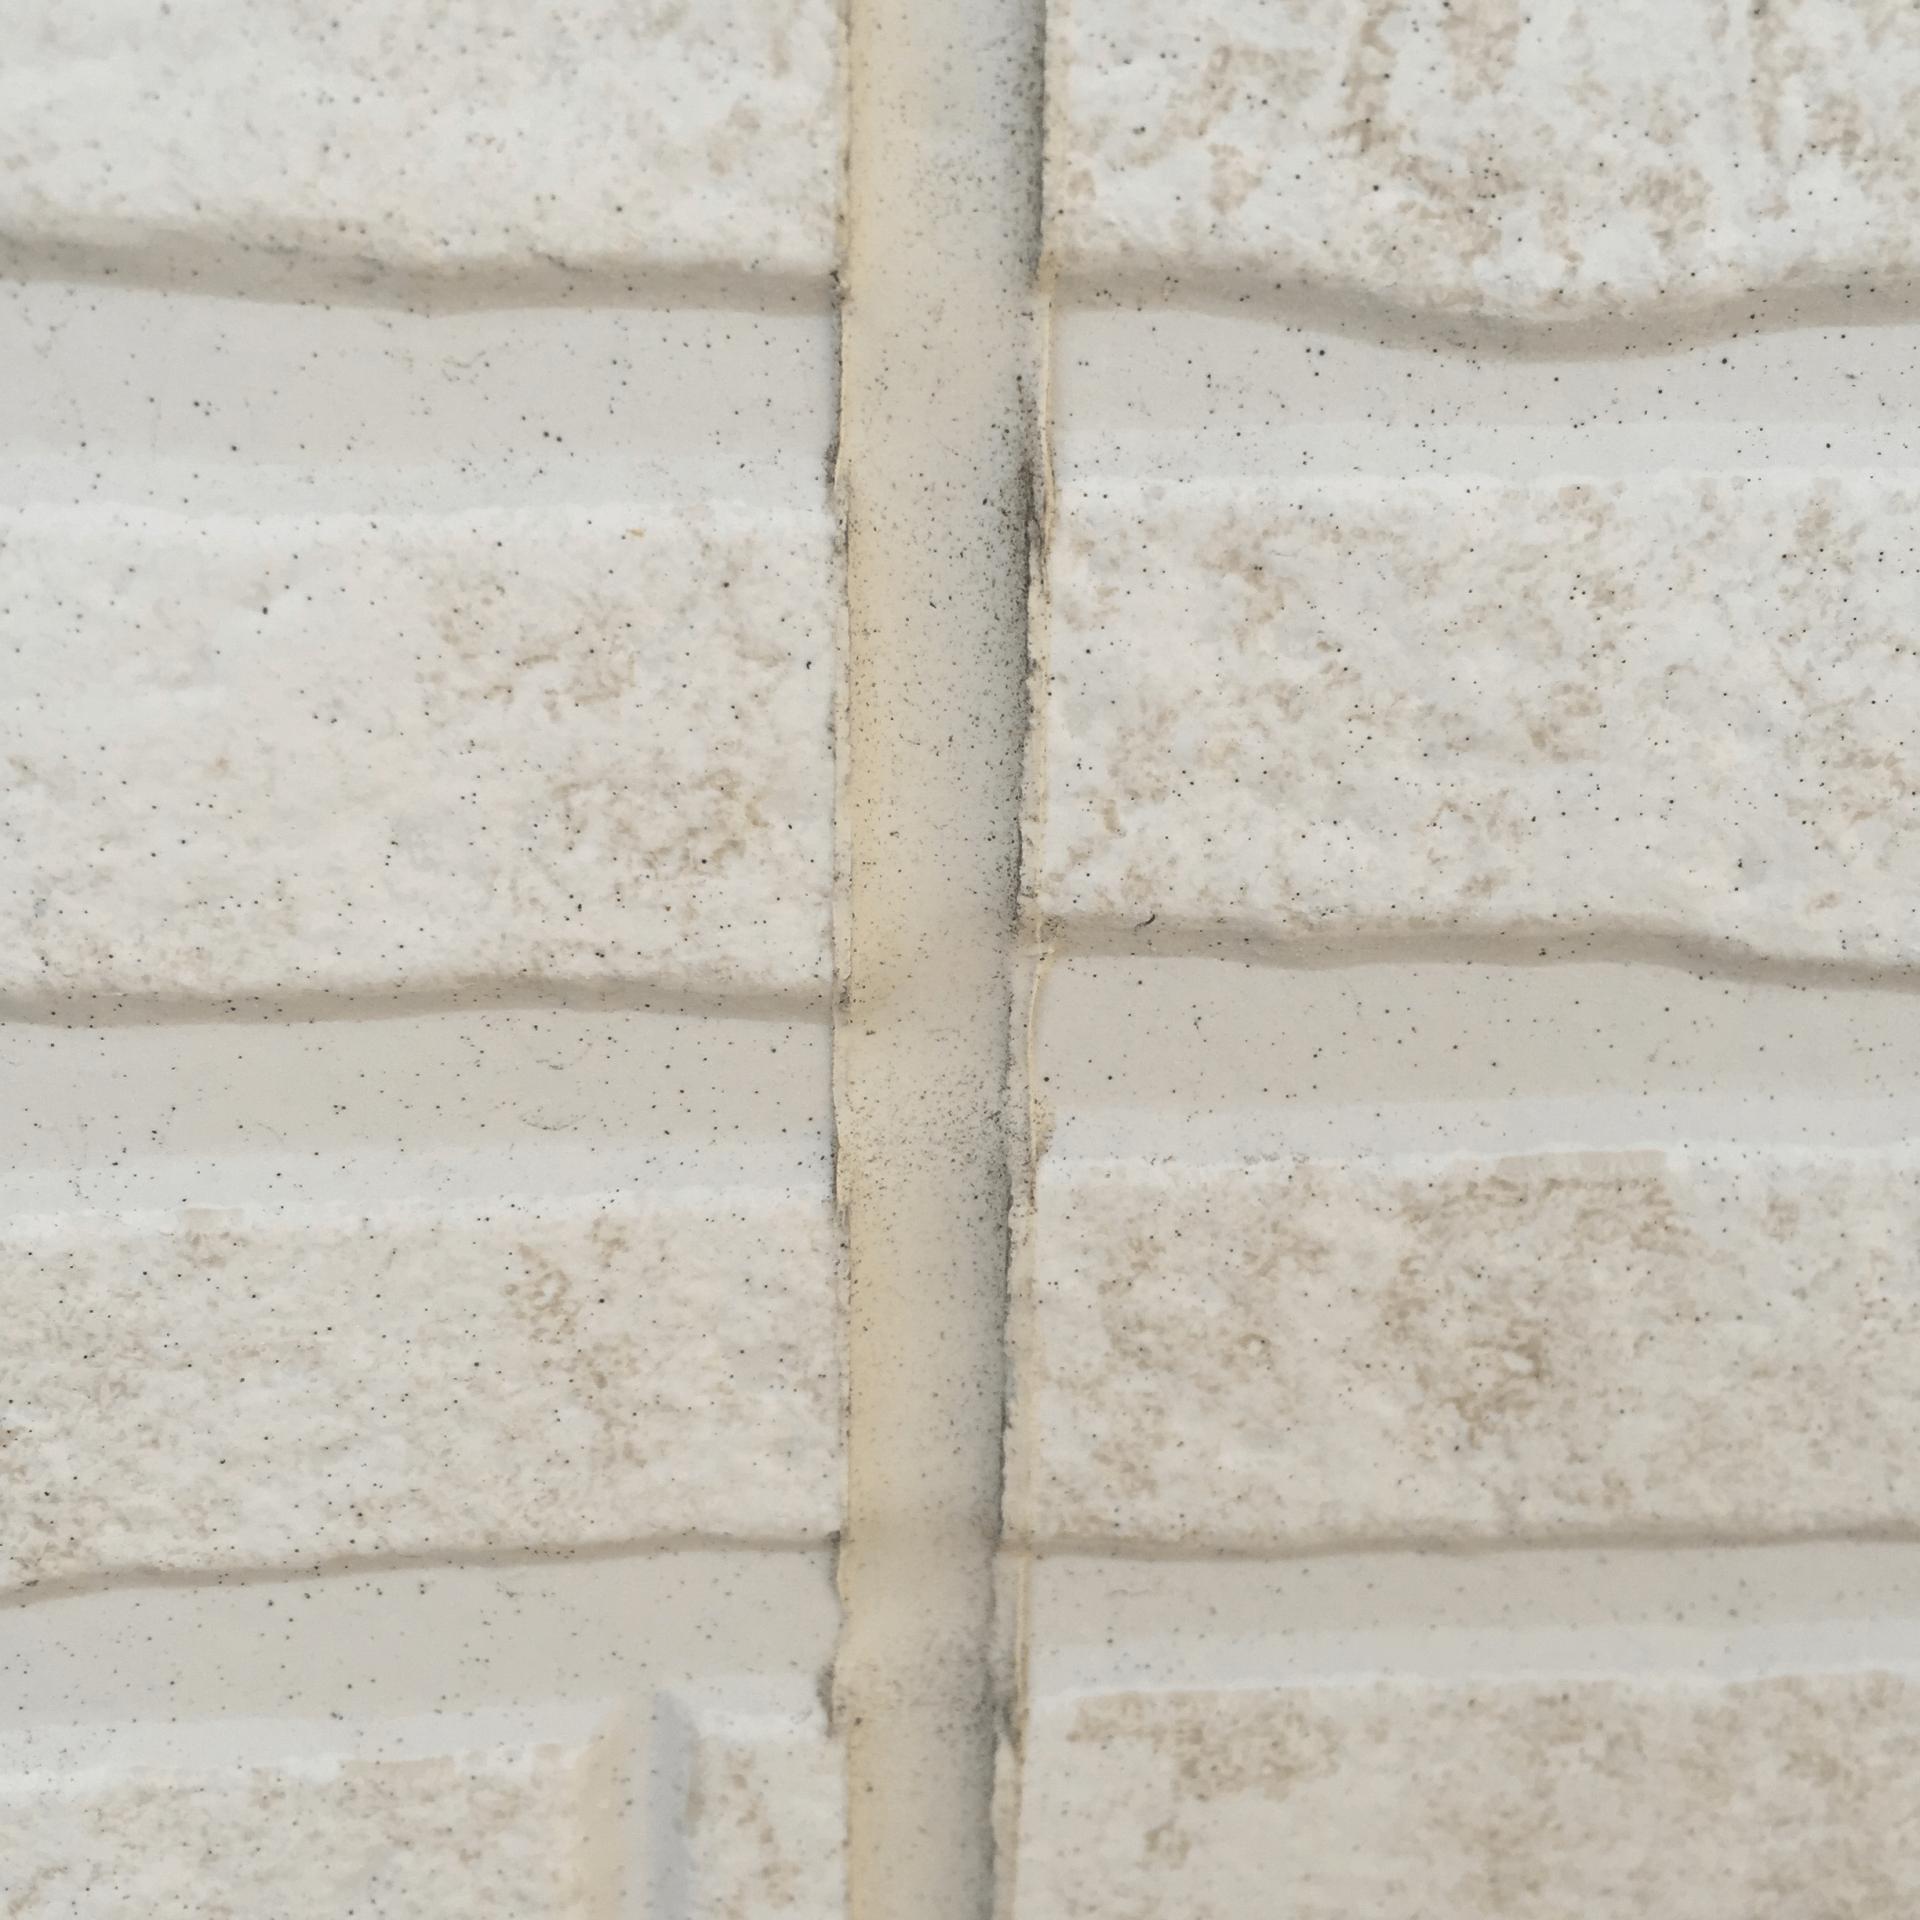 建築時の不適切な施工